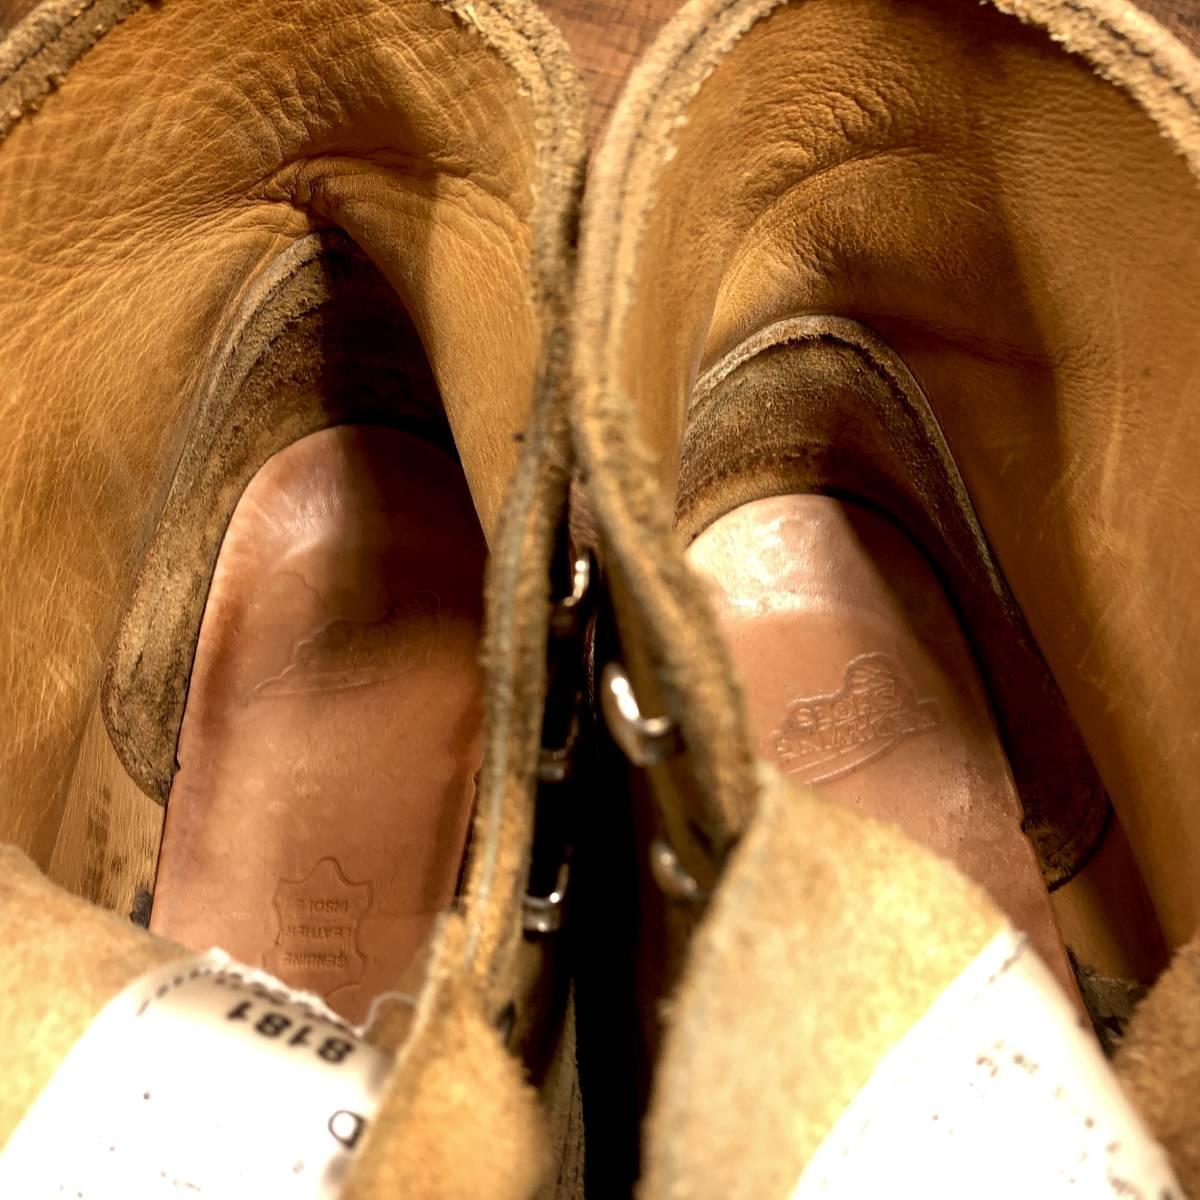 ■RED WING 8181■ 26cm US8D 茶 ブラウン レッドウィング ショートカットブーツ メンズ 革靴 靴 くつ ブーツ 即決_画像5